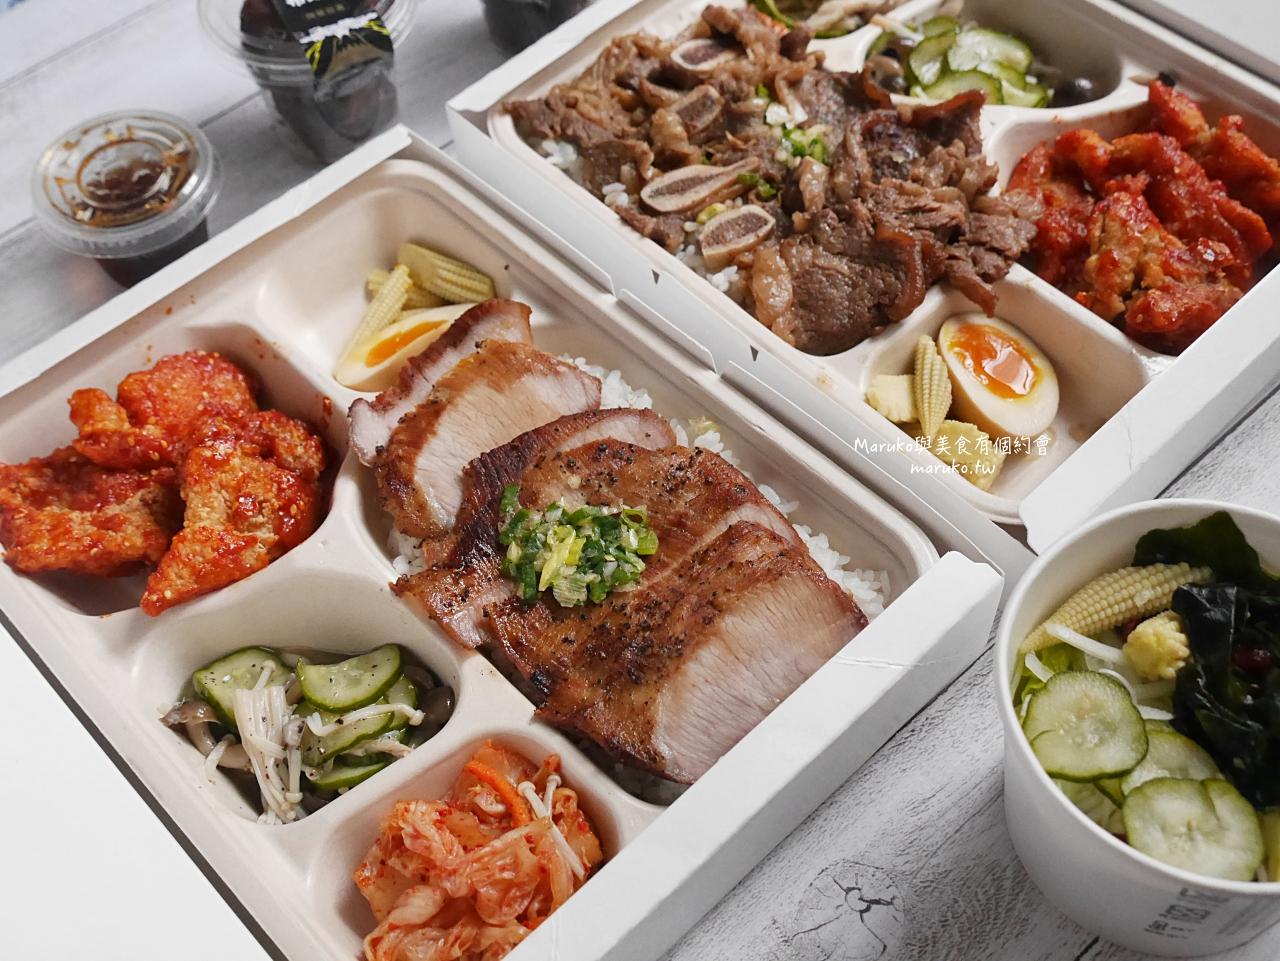 【台北】肉次方燒肉放題 王品旗下燒肉吃到飽 雙主餐只要198元